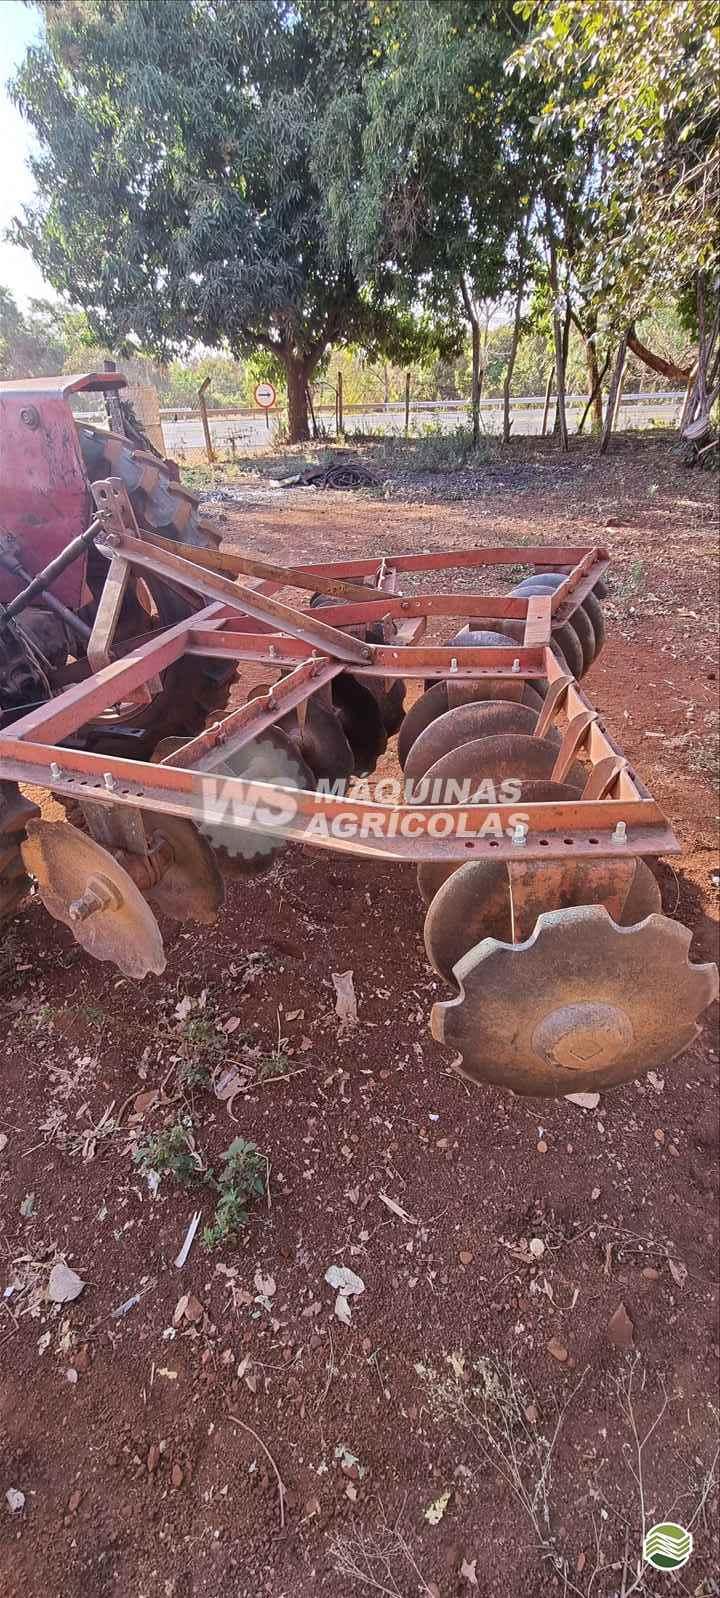 IMPLEMENTOS AGRICOLAS GRADE NIVELADORA NIVELADORA 24 DISCOS WS Máquinas Agrícolas SERTAOZINHO SÃO PAULO SP